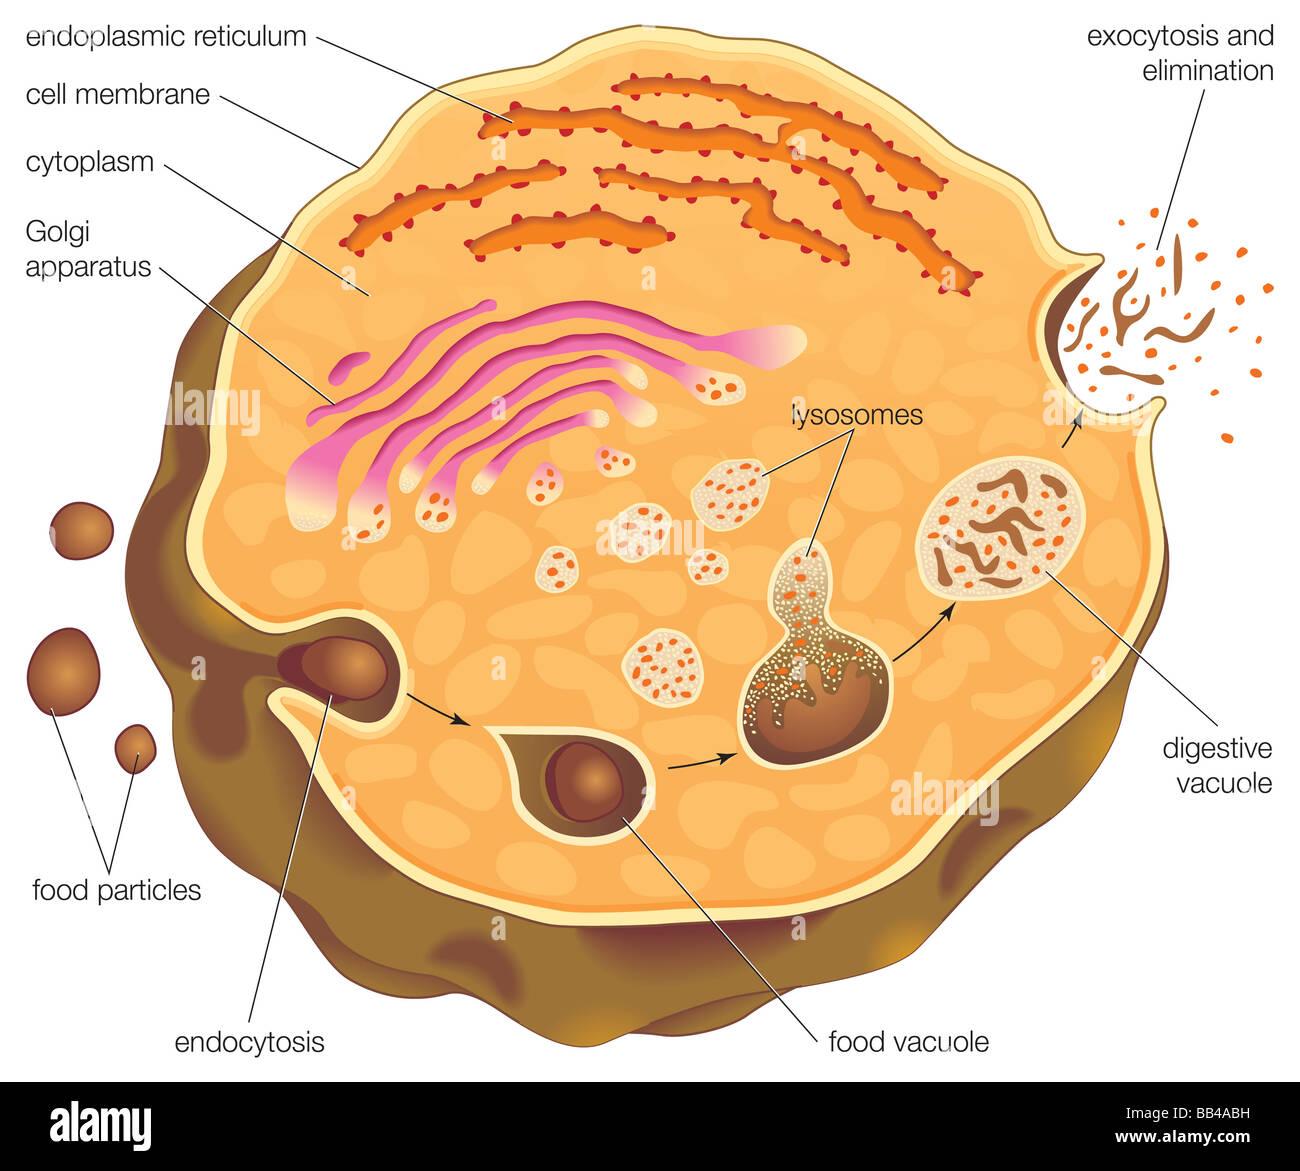 Diagramm zur Veranschaulichung intrazelluläre Verdauung und die ...